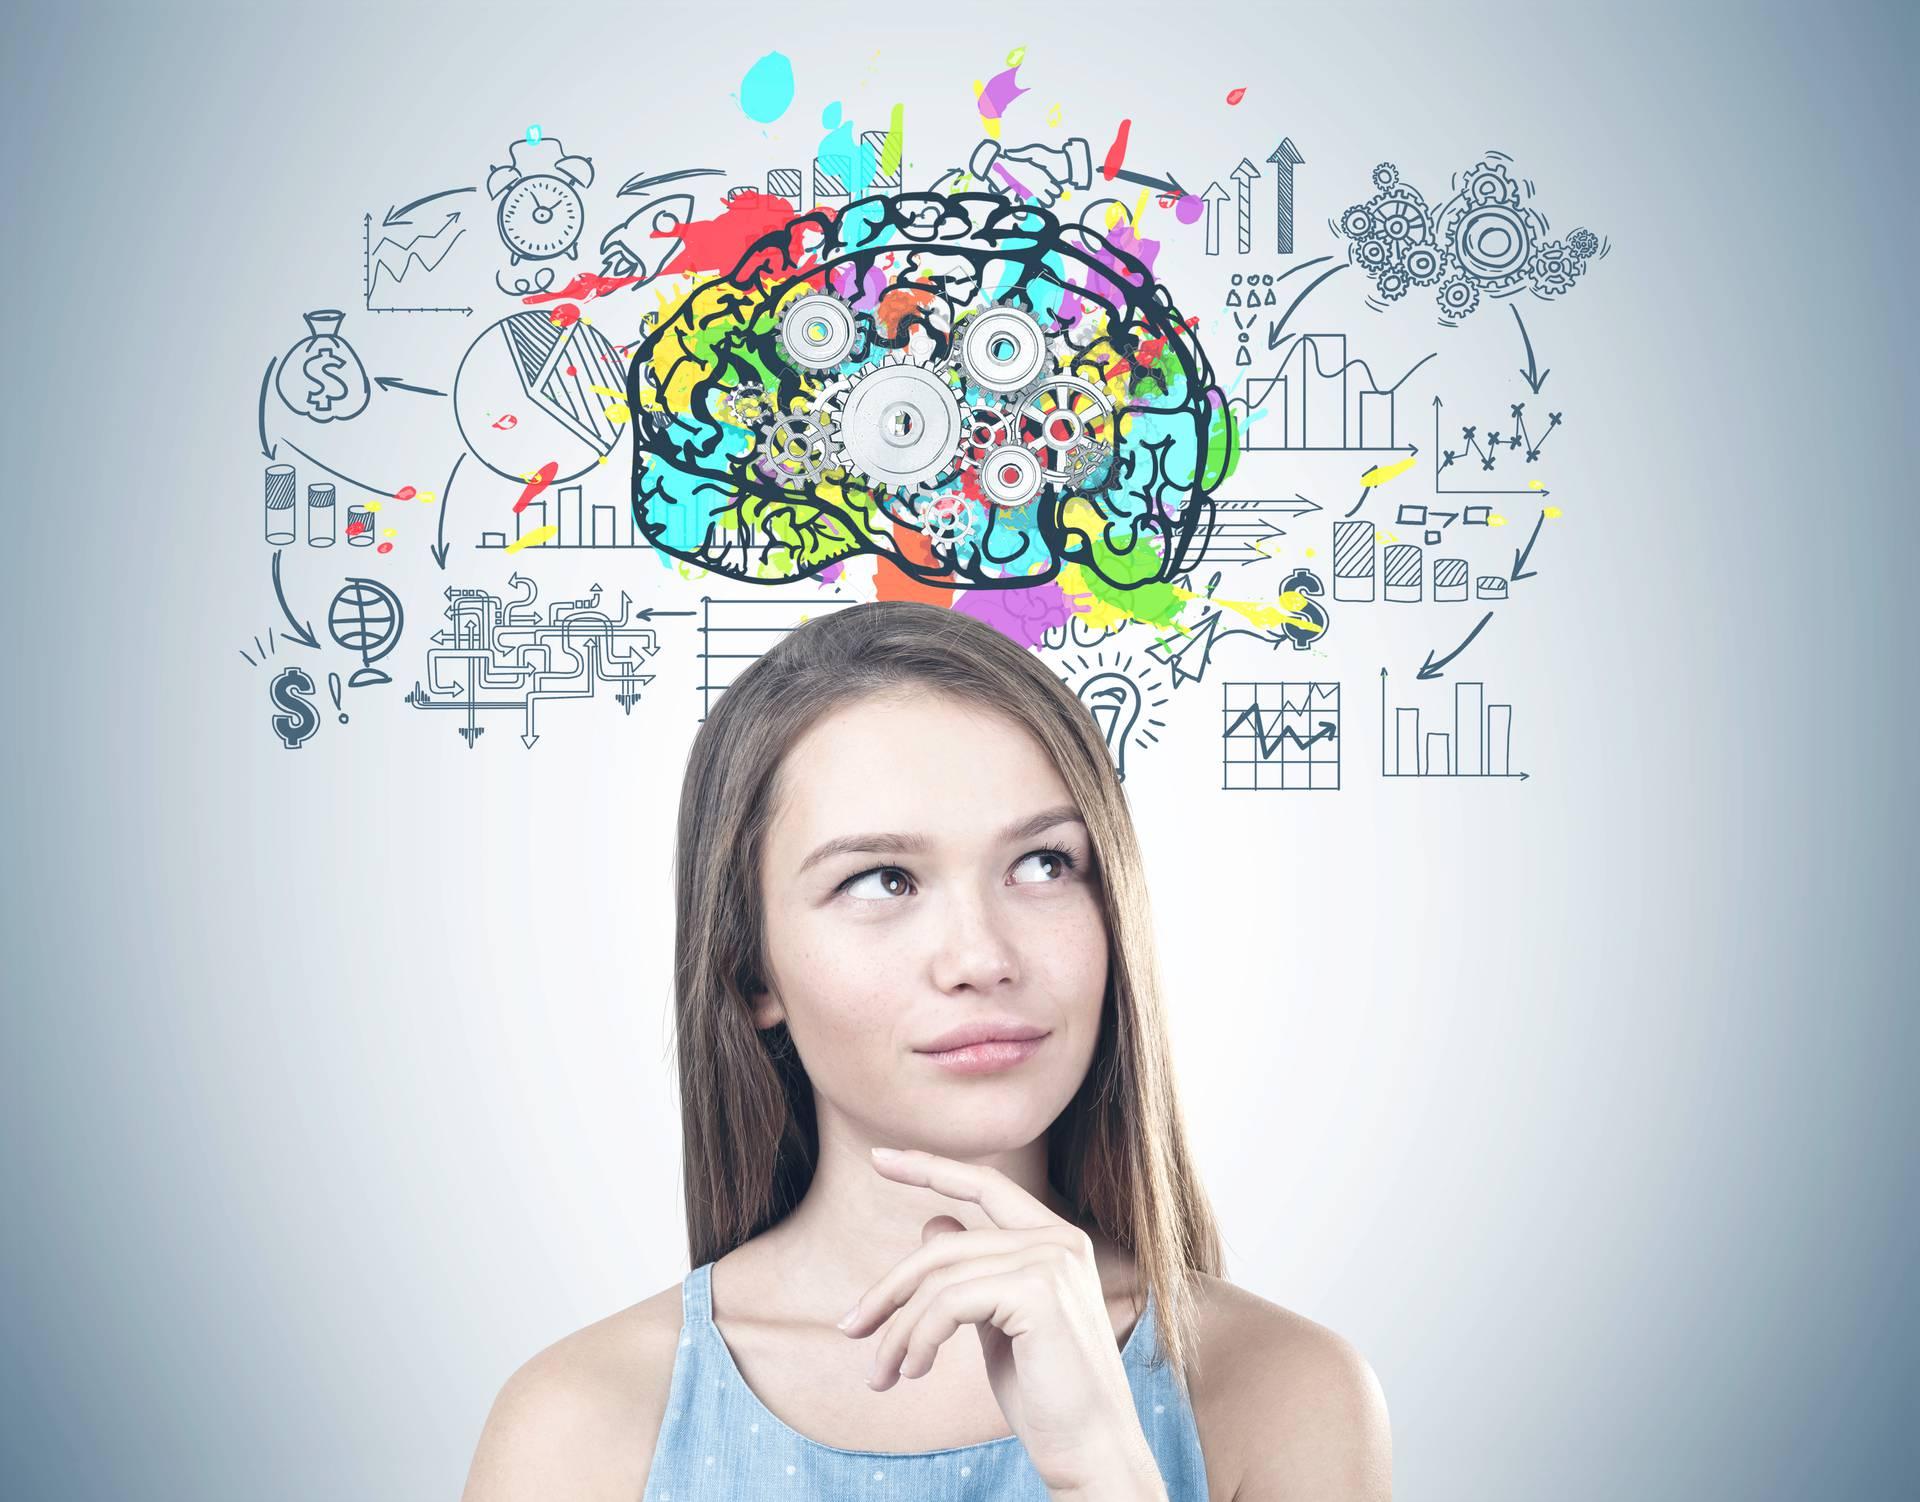 9 stvari koje treba raditi s 50 da mozak bude 'fit' u 80-ima